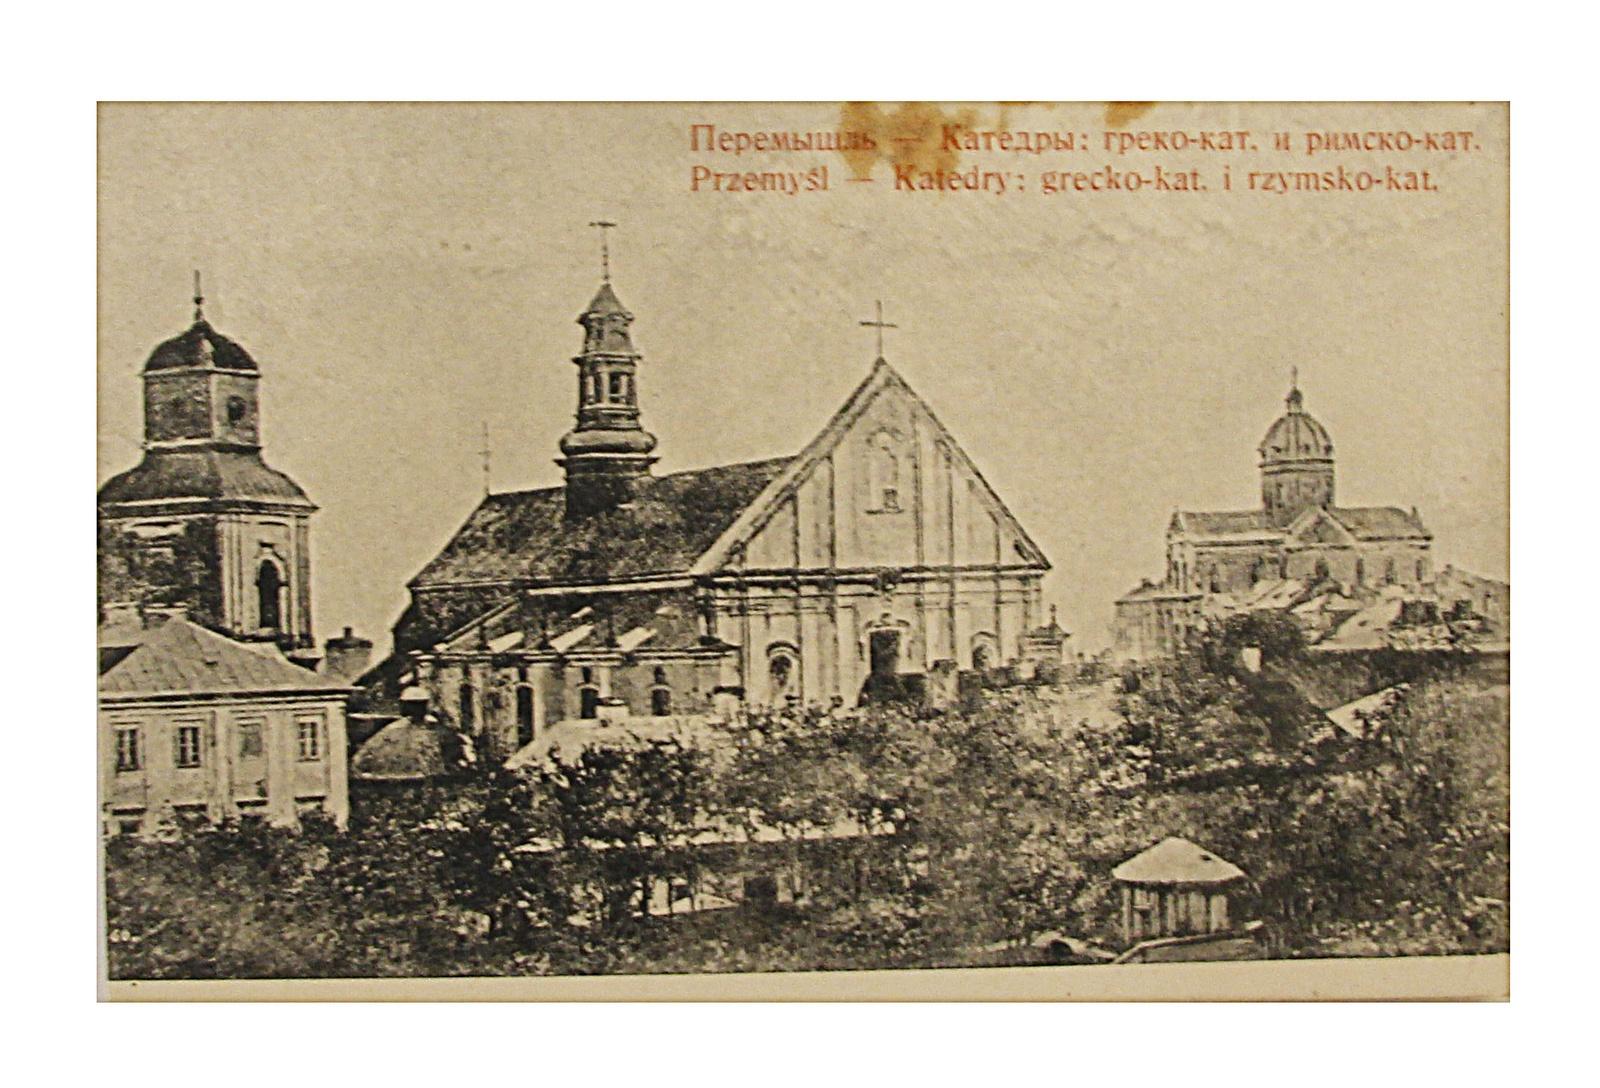 Коллекционная почтовая открытка. Перемышль-Катедры. Польша, начало XX века. цены онлайн